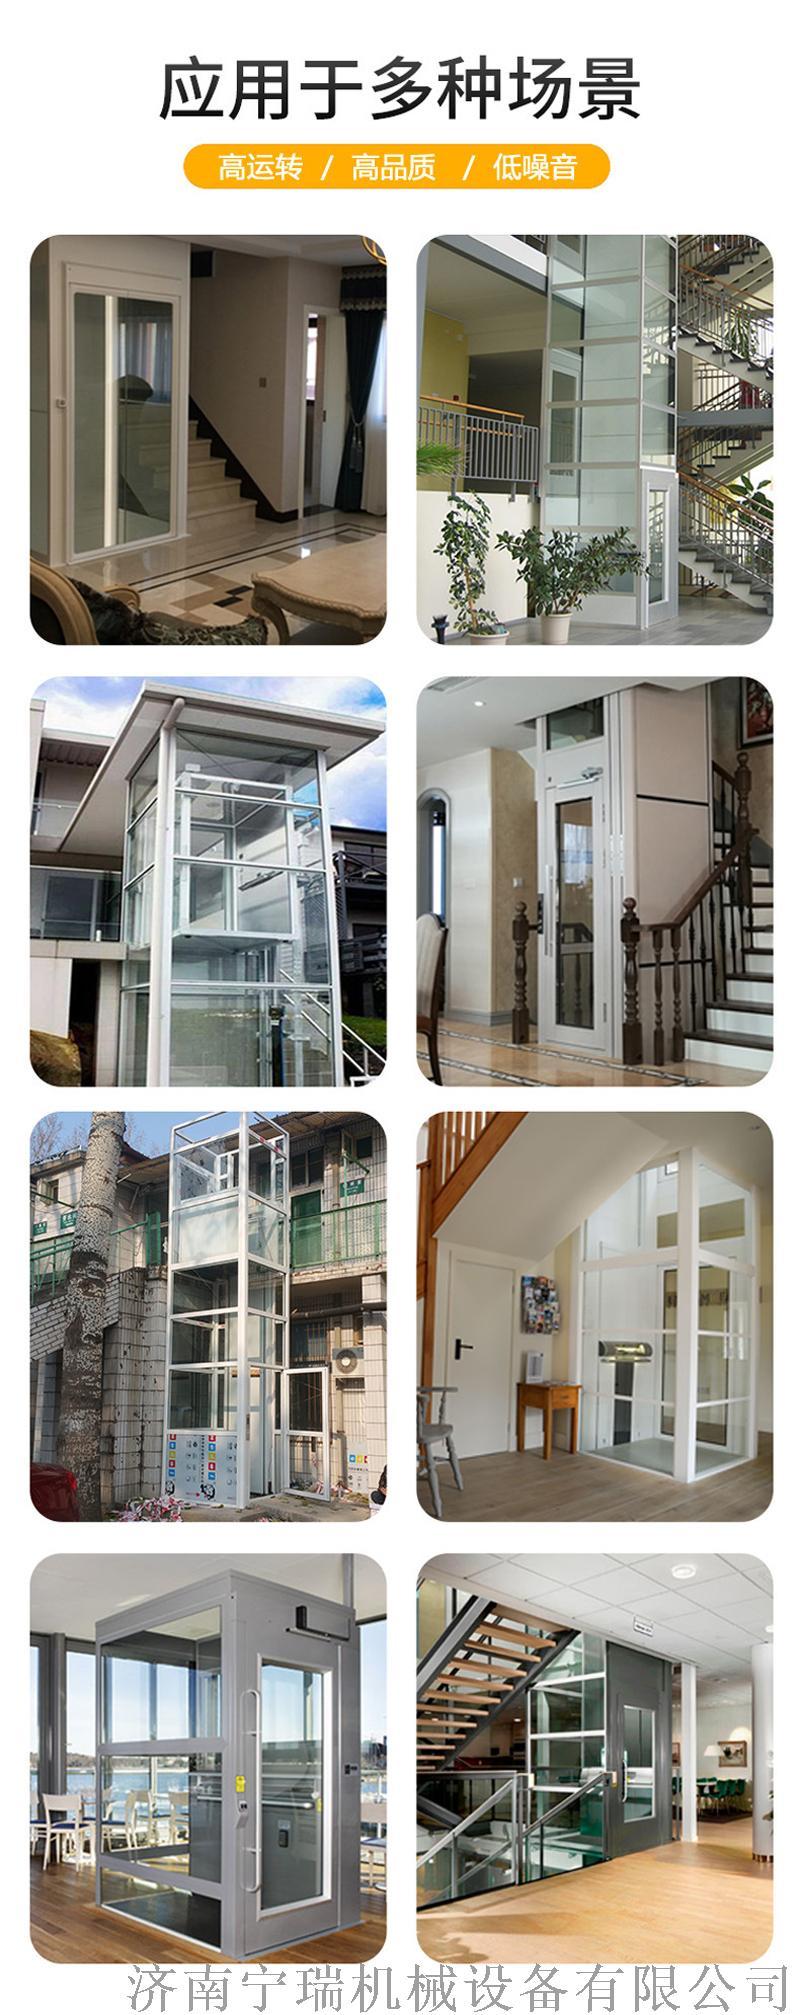 家用别墅电梯 家用微型电梯 二层家用液压小电梯119640102